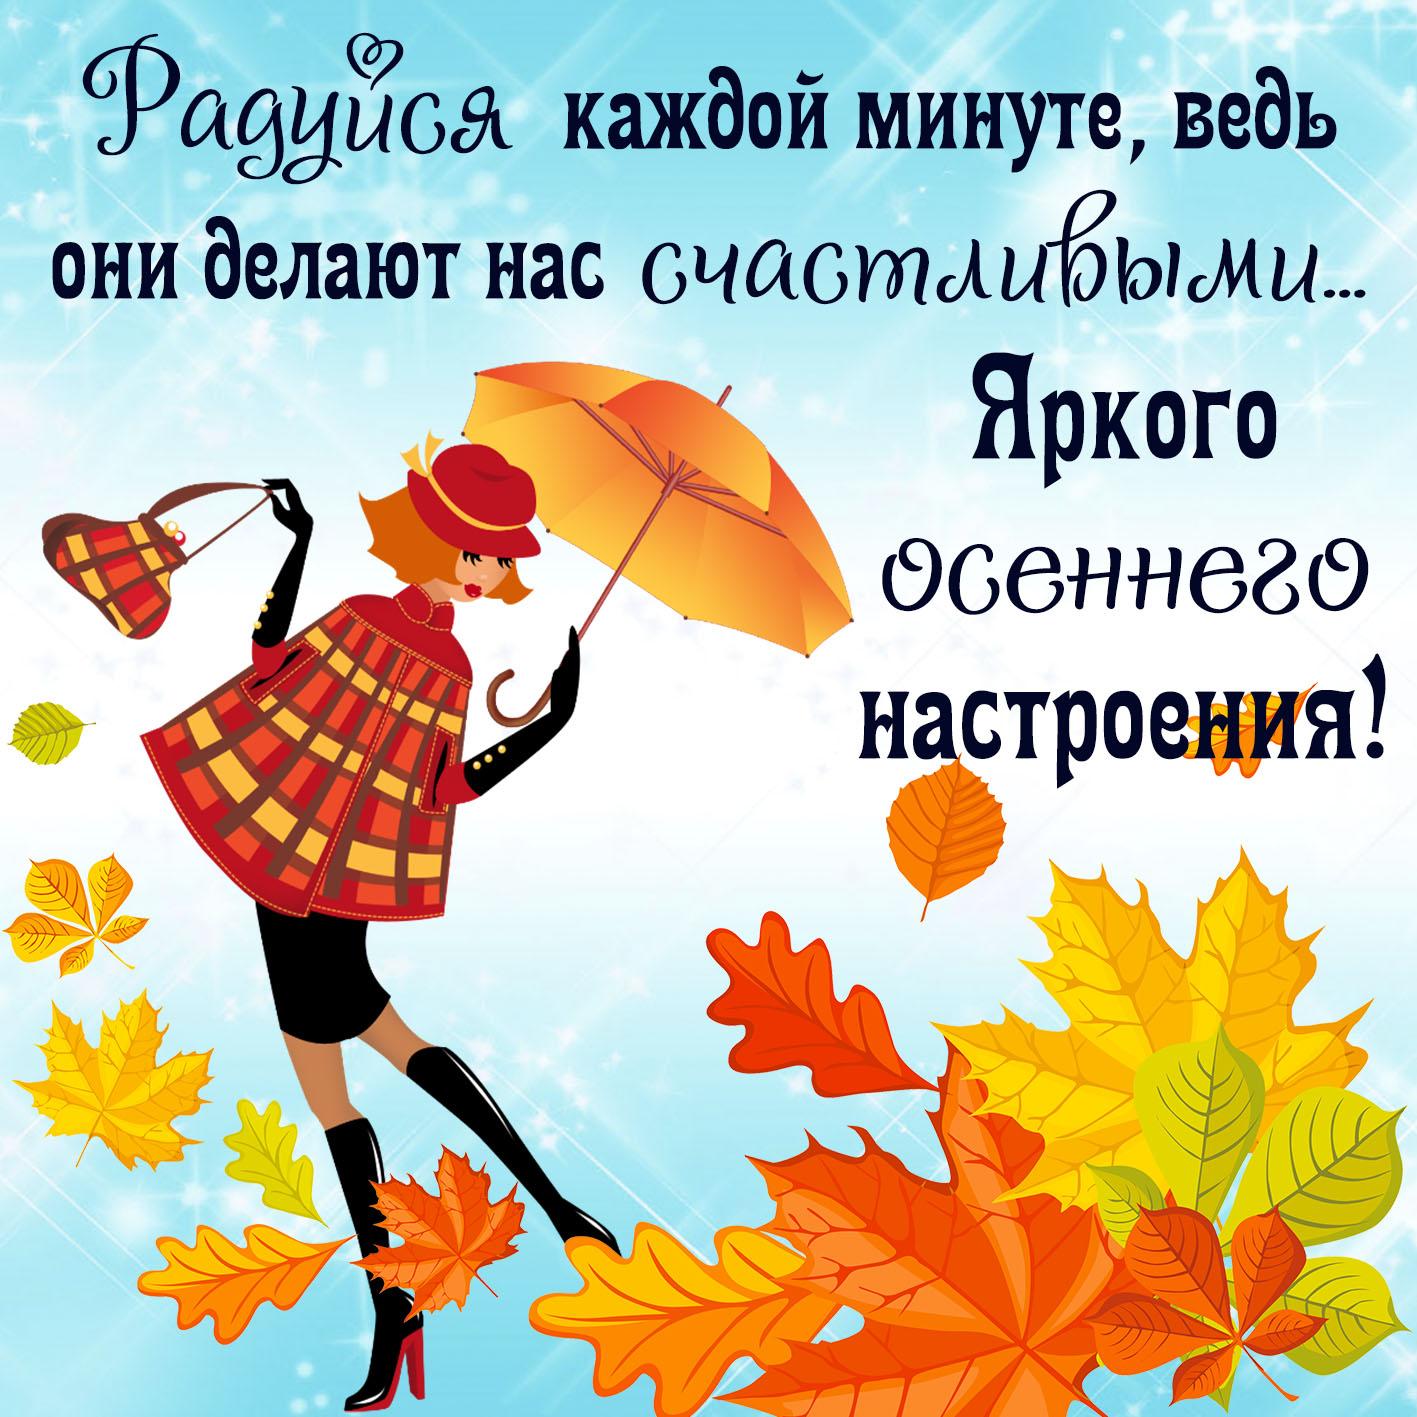 Красивая осень картинки с пожеланиями